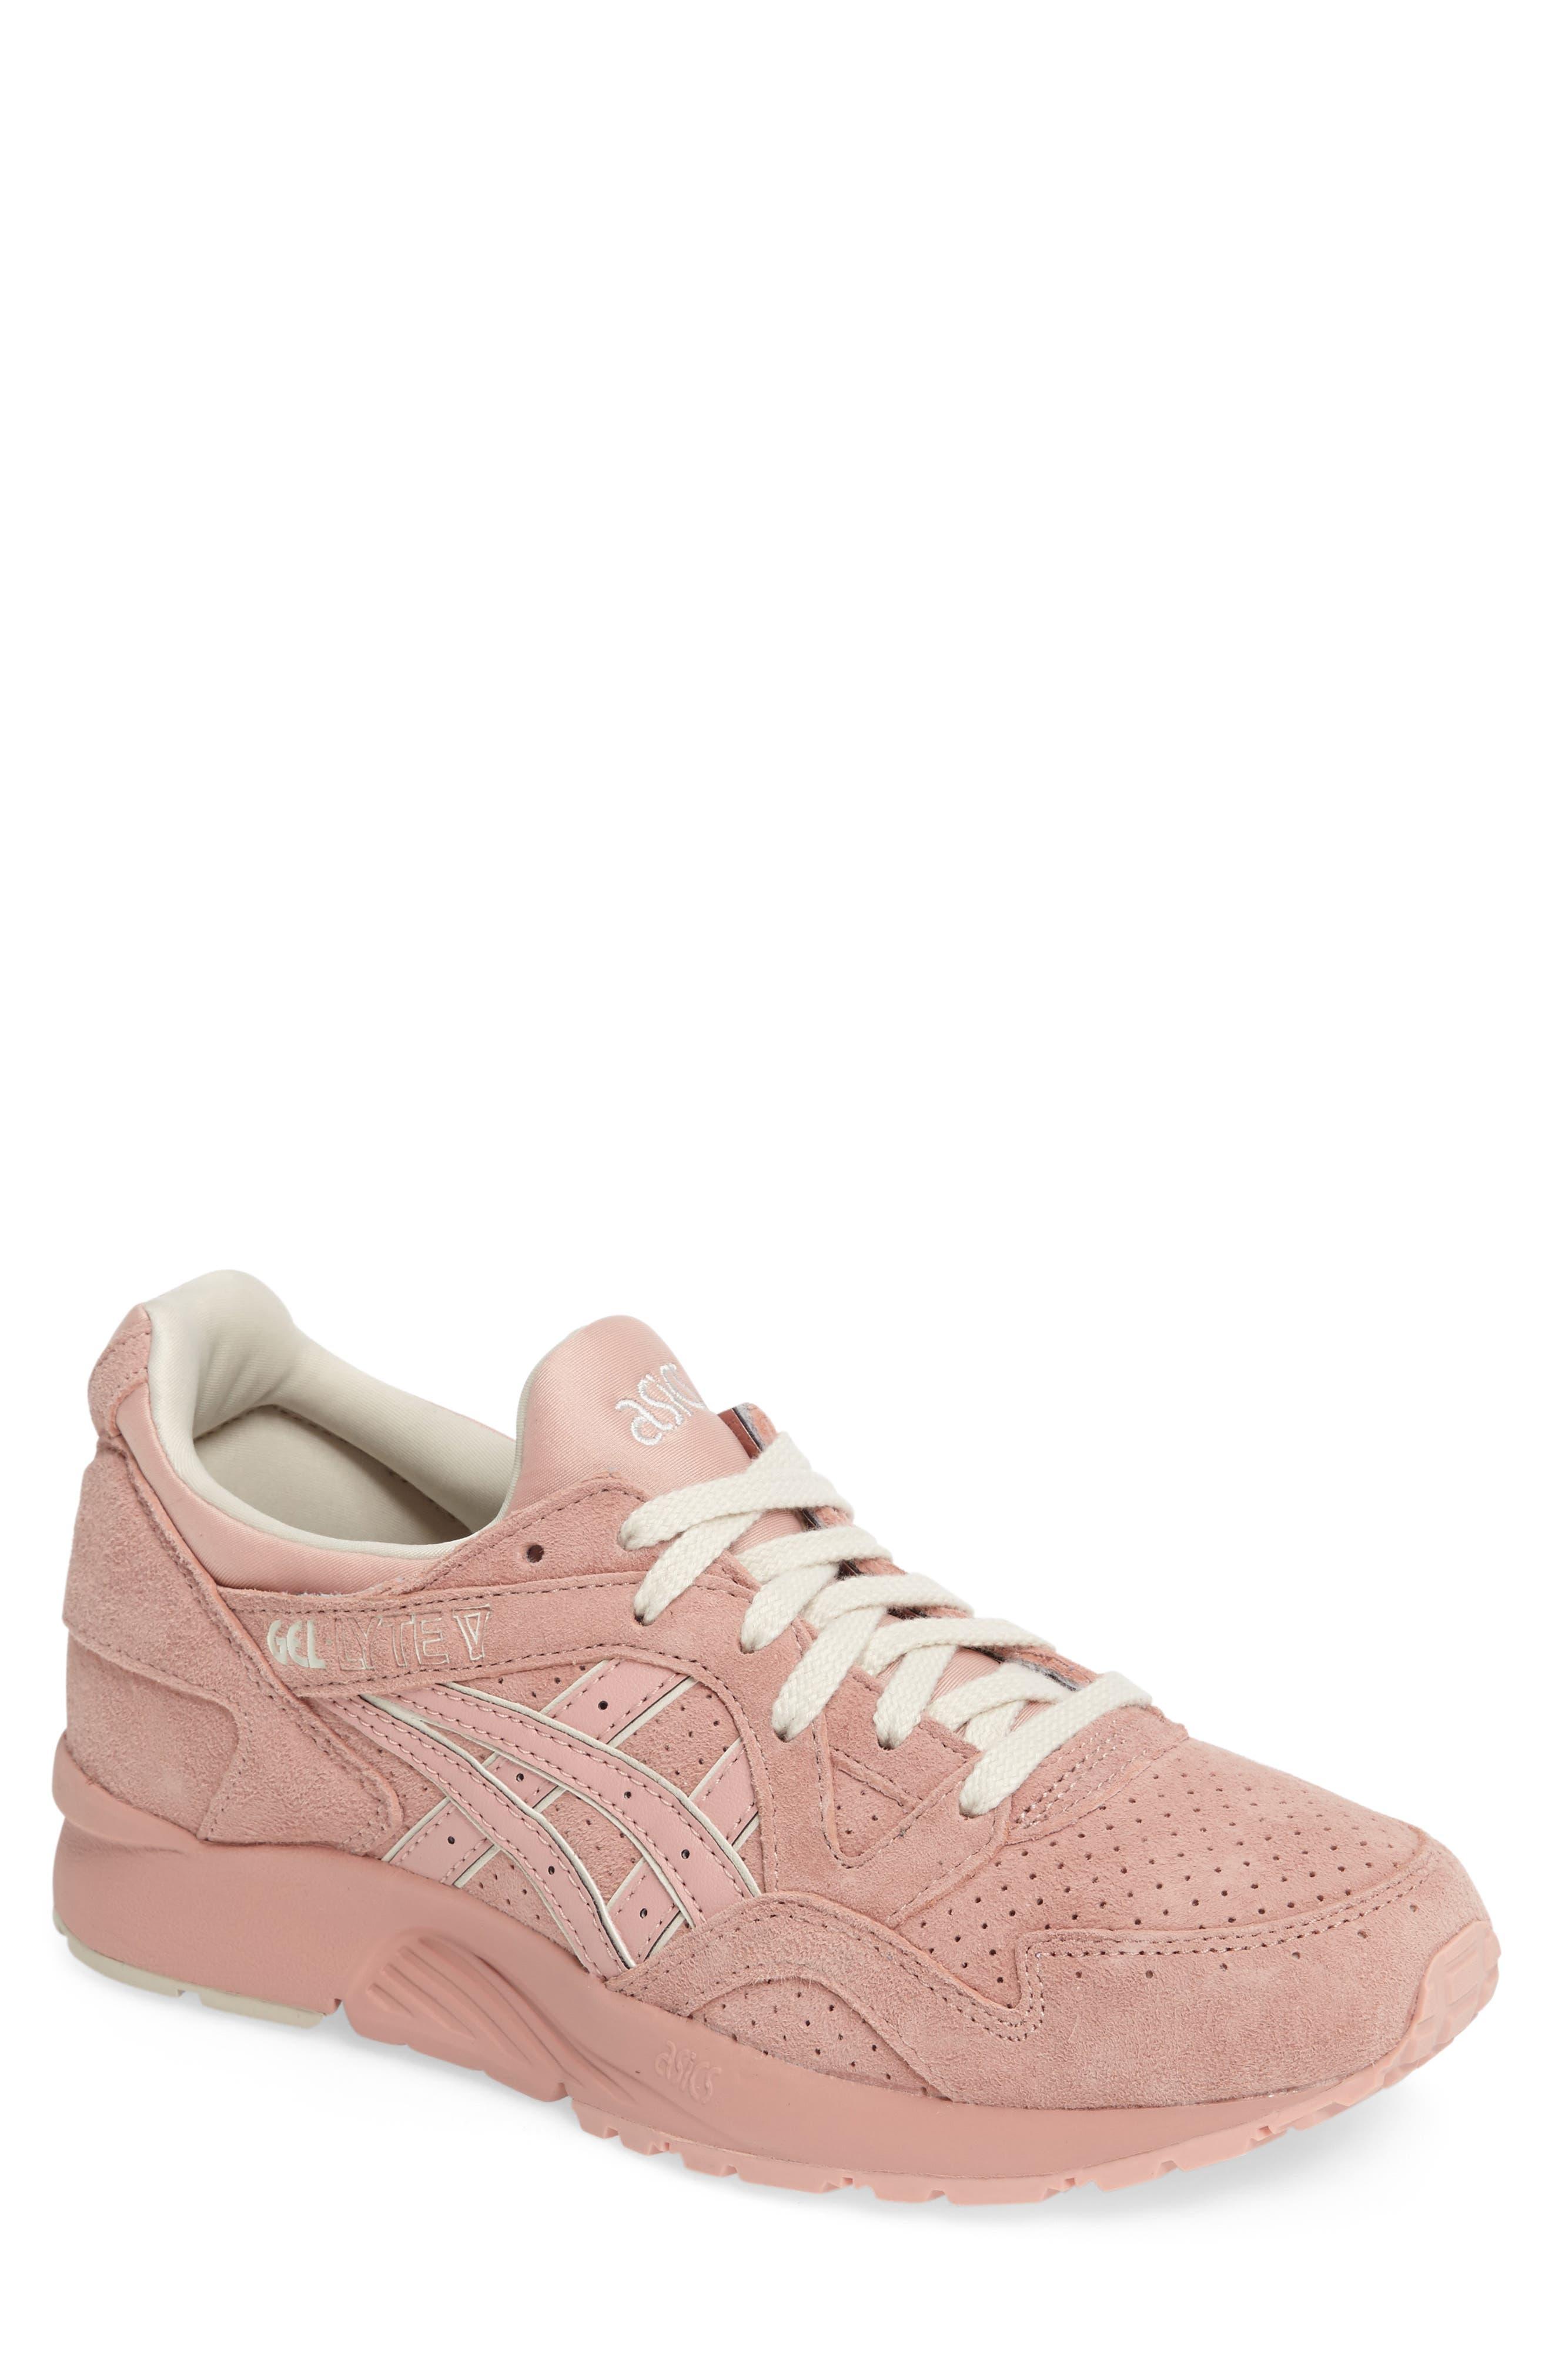 GEL-Lyte V Sneaker,                         Main,                         color, 658